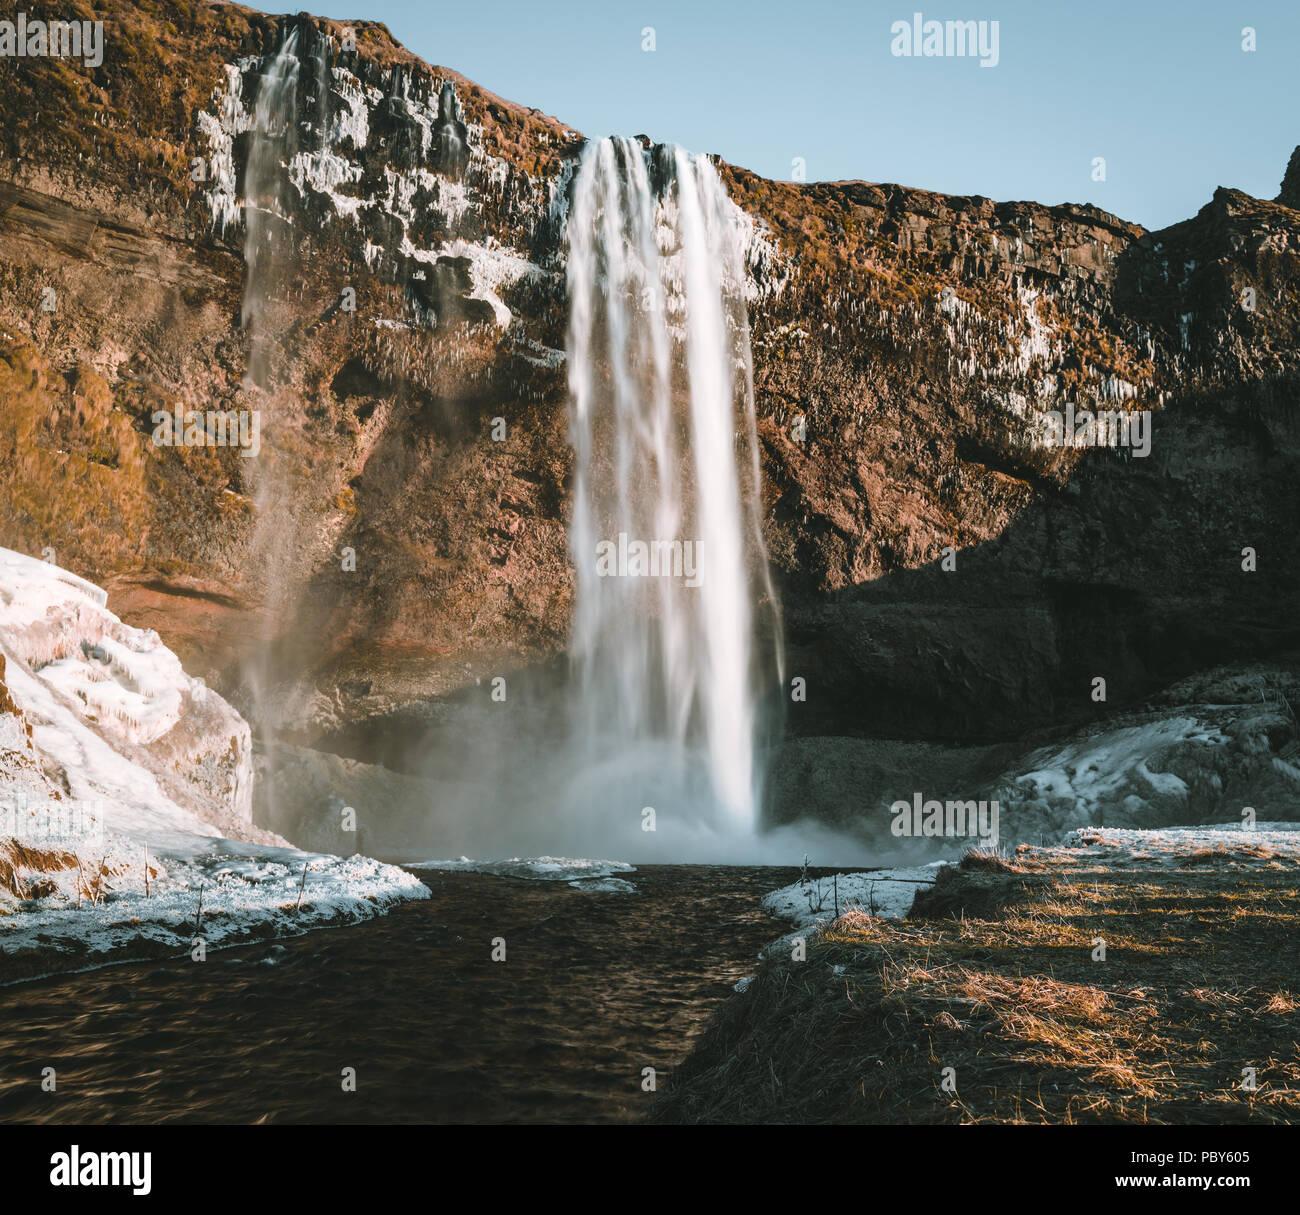 Un paisaje maravilloso de la cascada Seljalandsfoss en Islandia, en un día claro, con el cielo azul y la nieve. Foto de stock